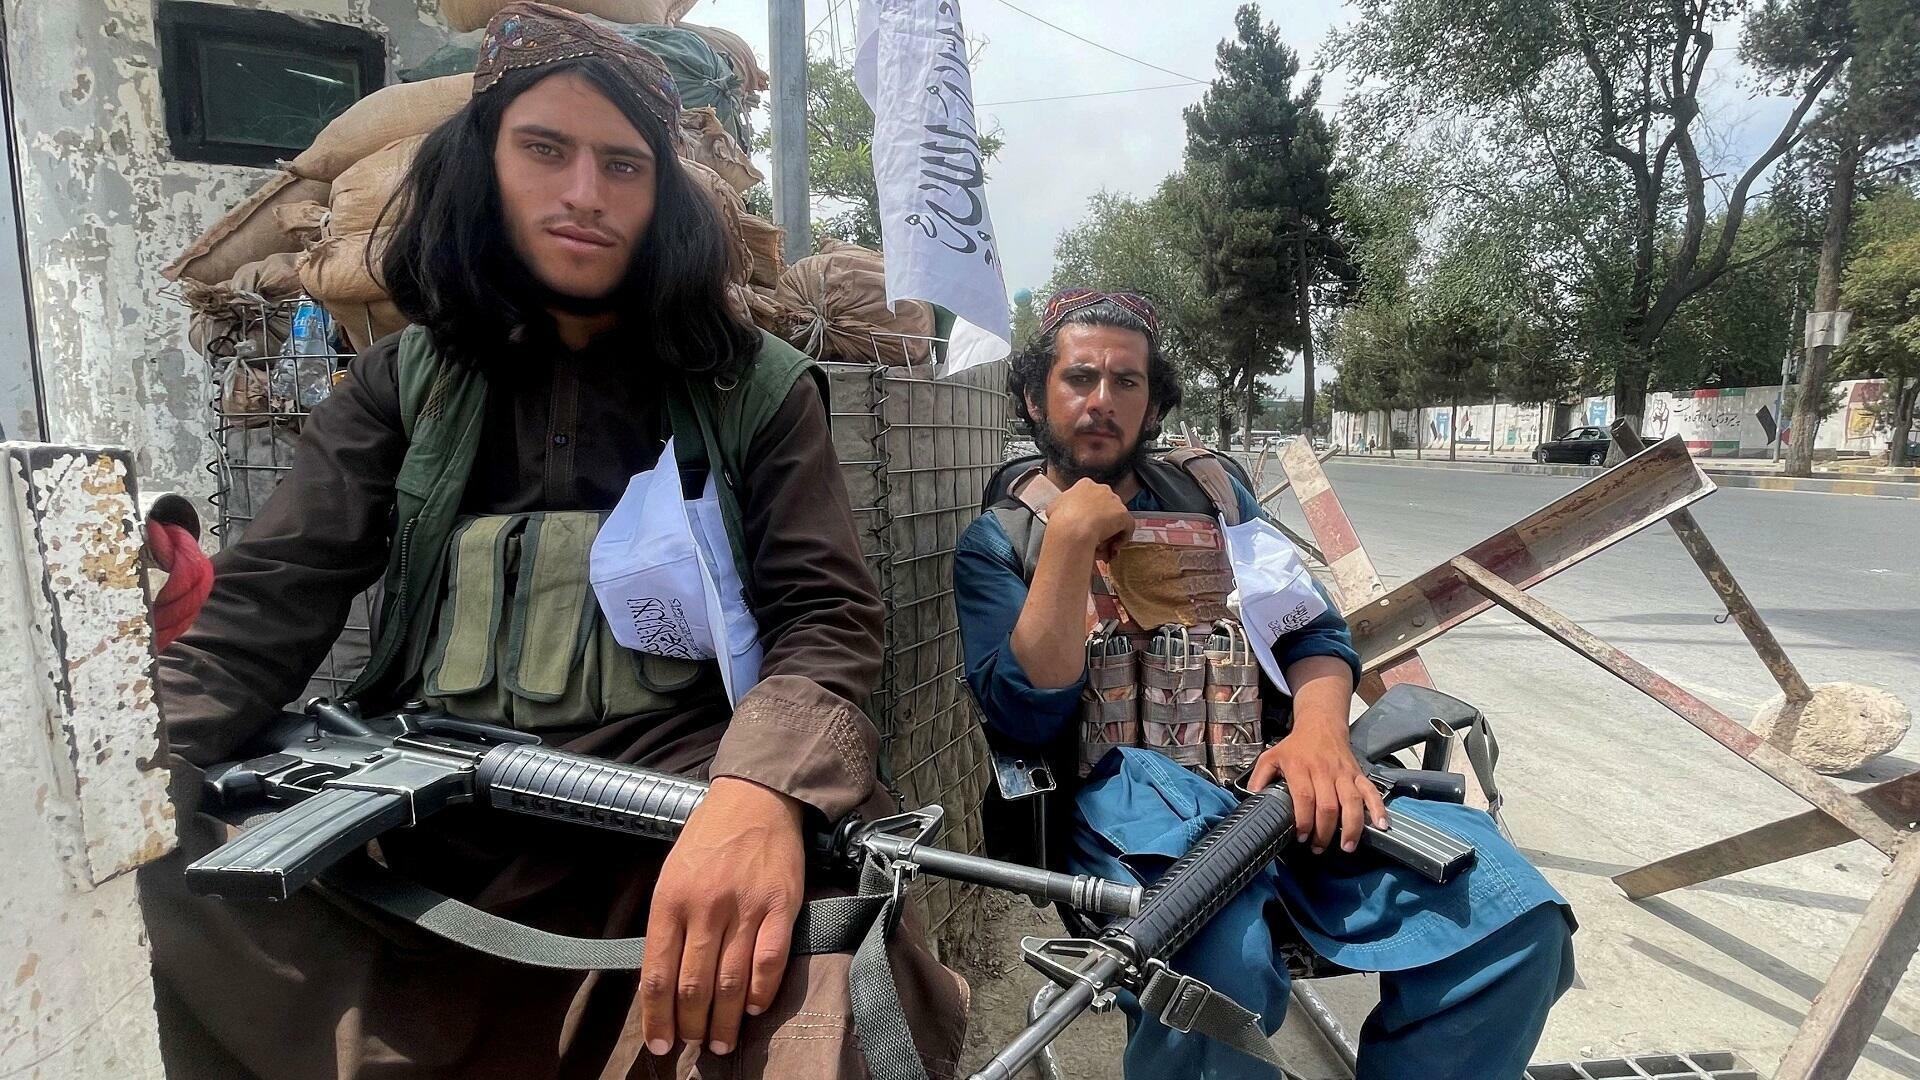 نيويورك تايمز: هذه أسباب انتصار طالبان السريع على النظام الذي صنعته أمريكا بأفغانستان